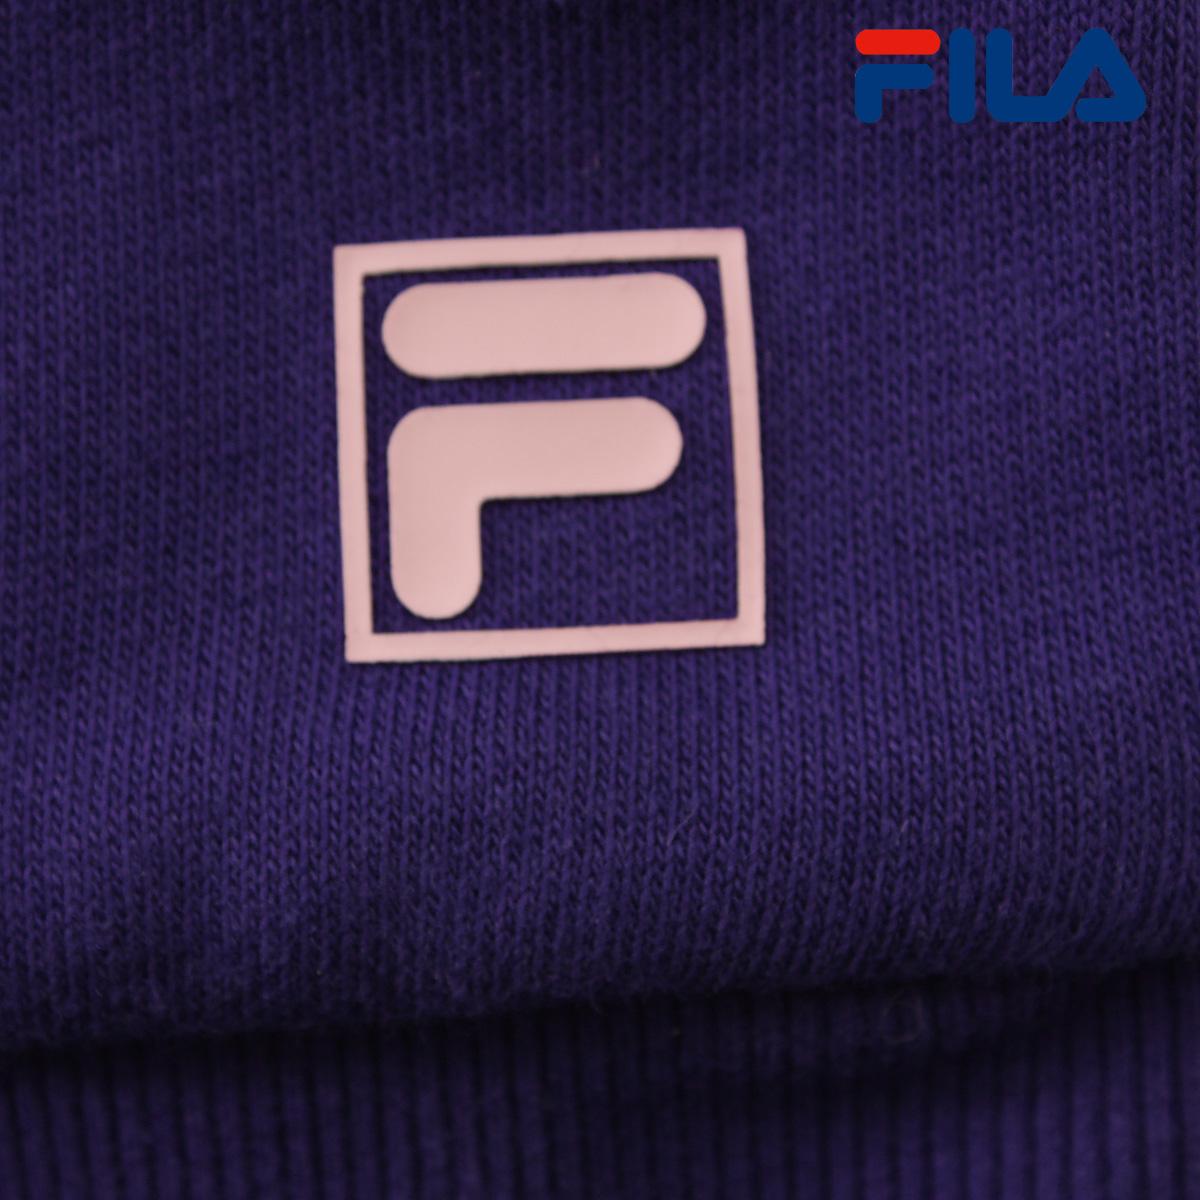 Спортивная толстовка Fila 5044211/1 5044211-1 Женские Пуловер Осень 2010